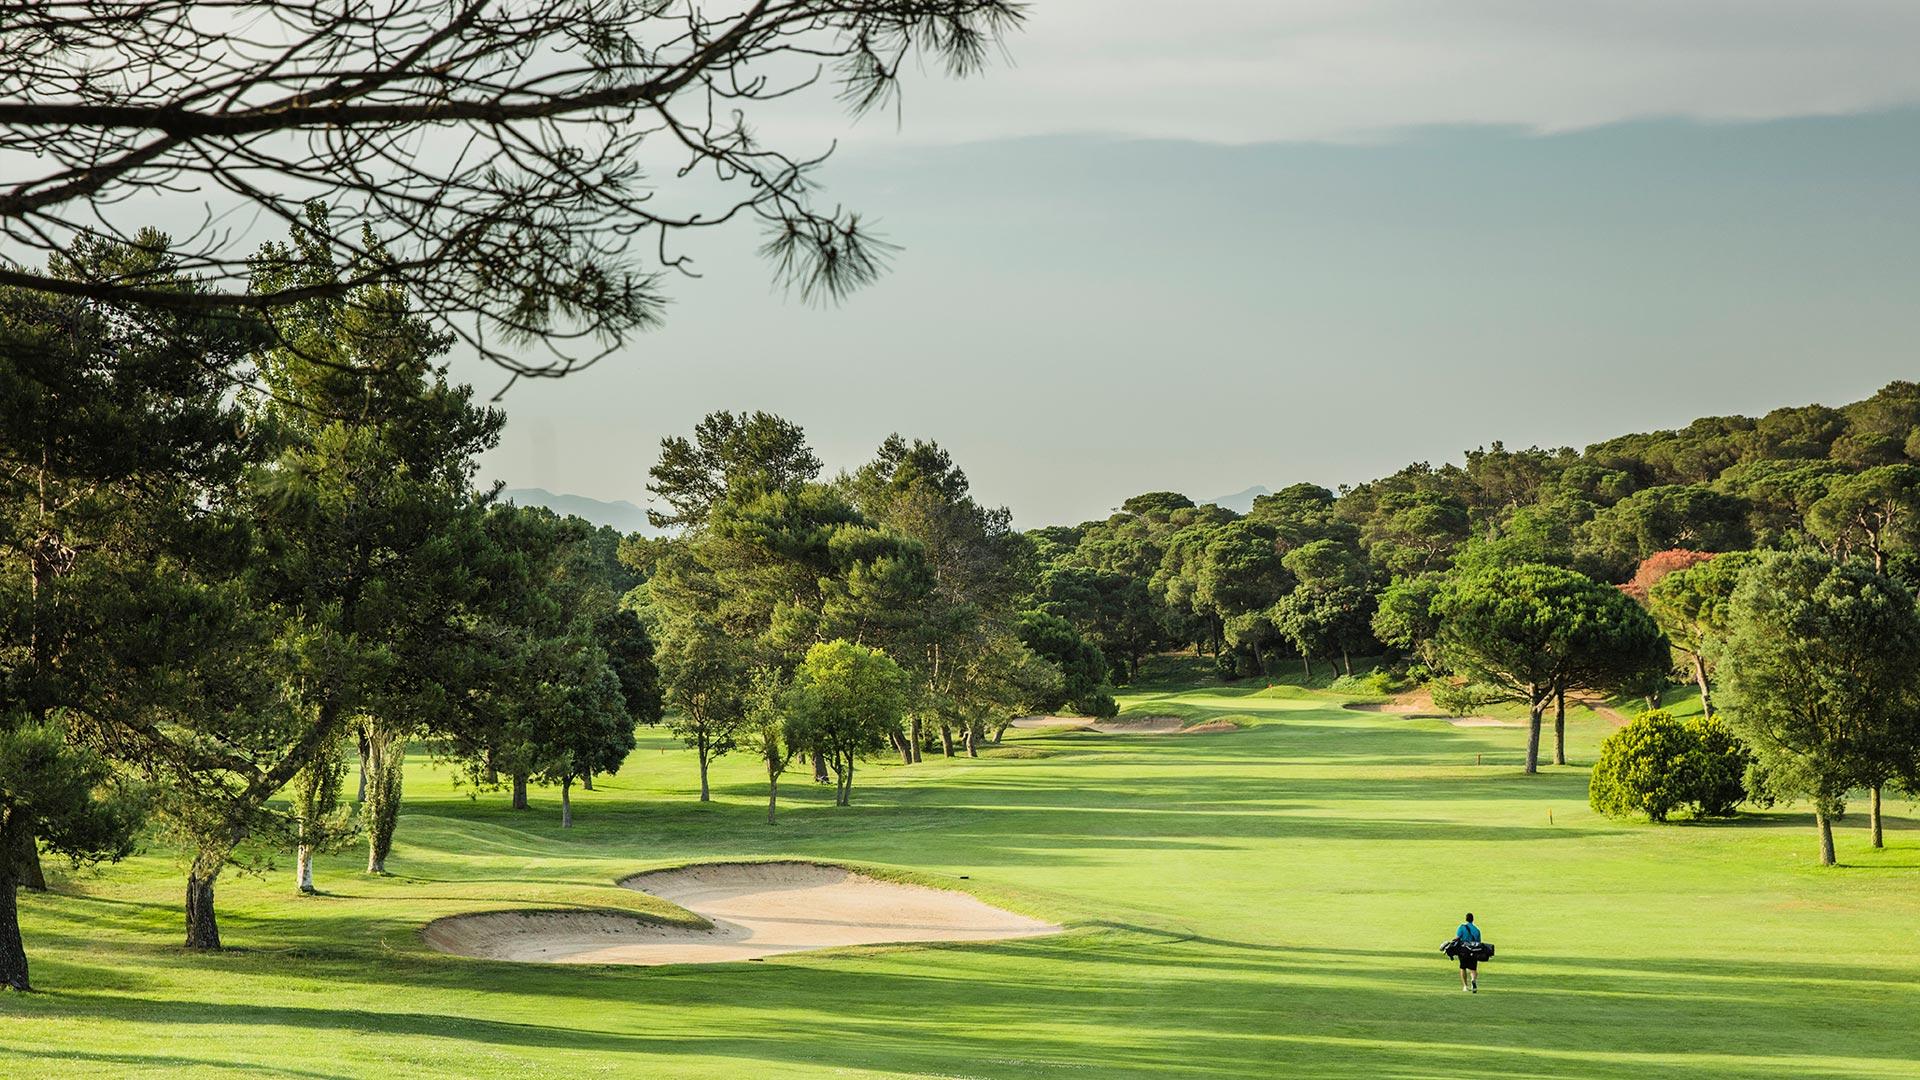 campo de golf vallromanes bunker y hombre con palos de golf